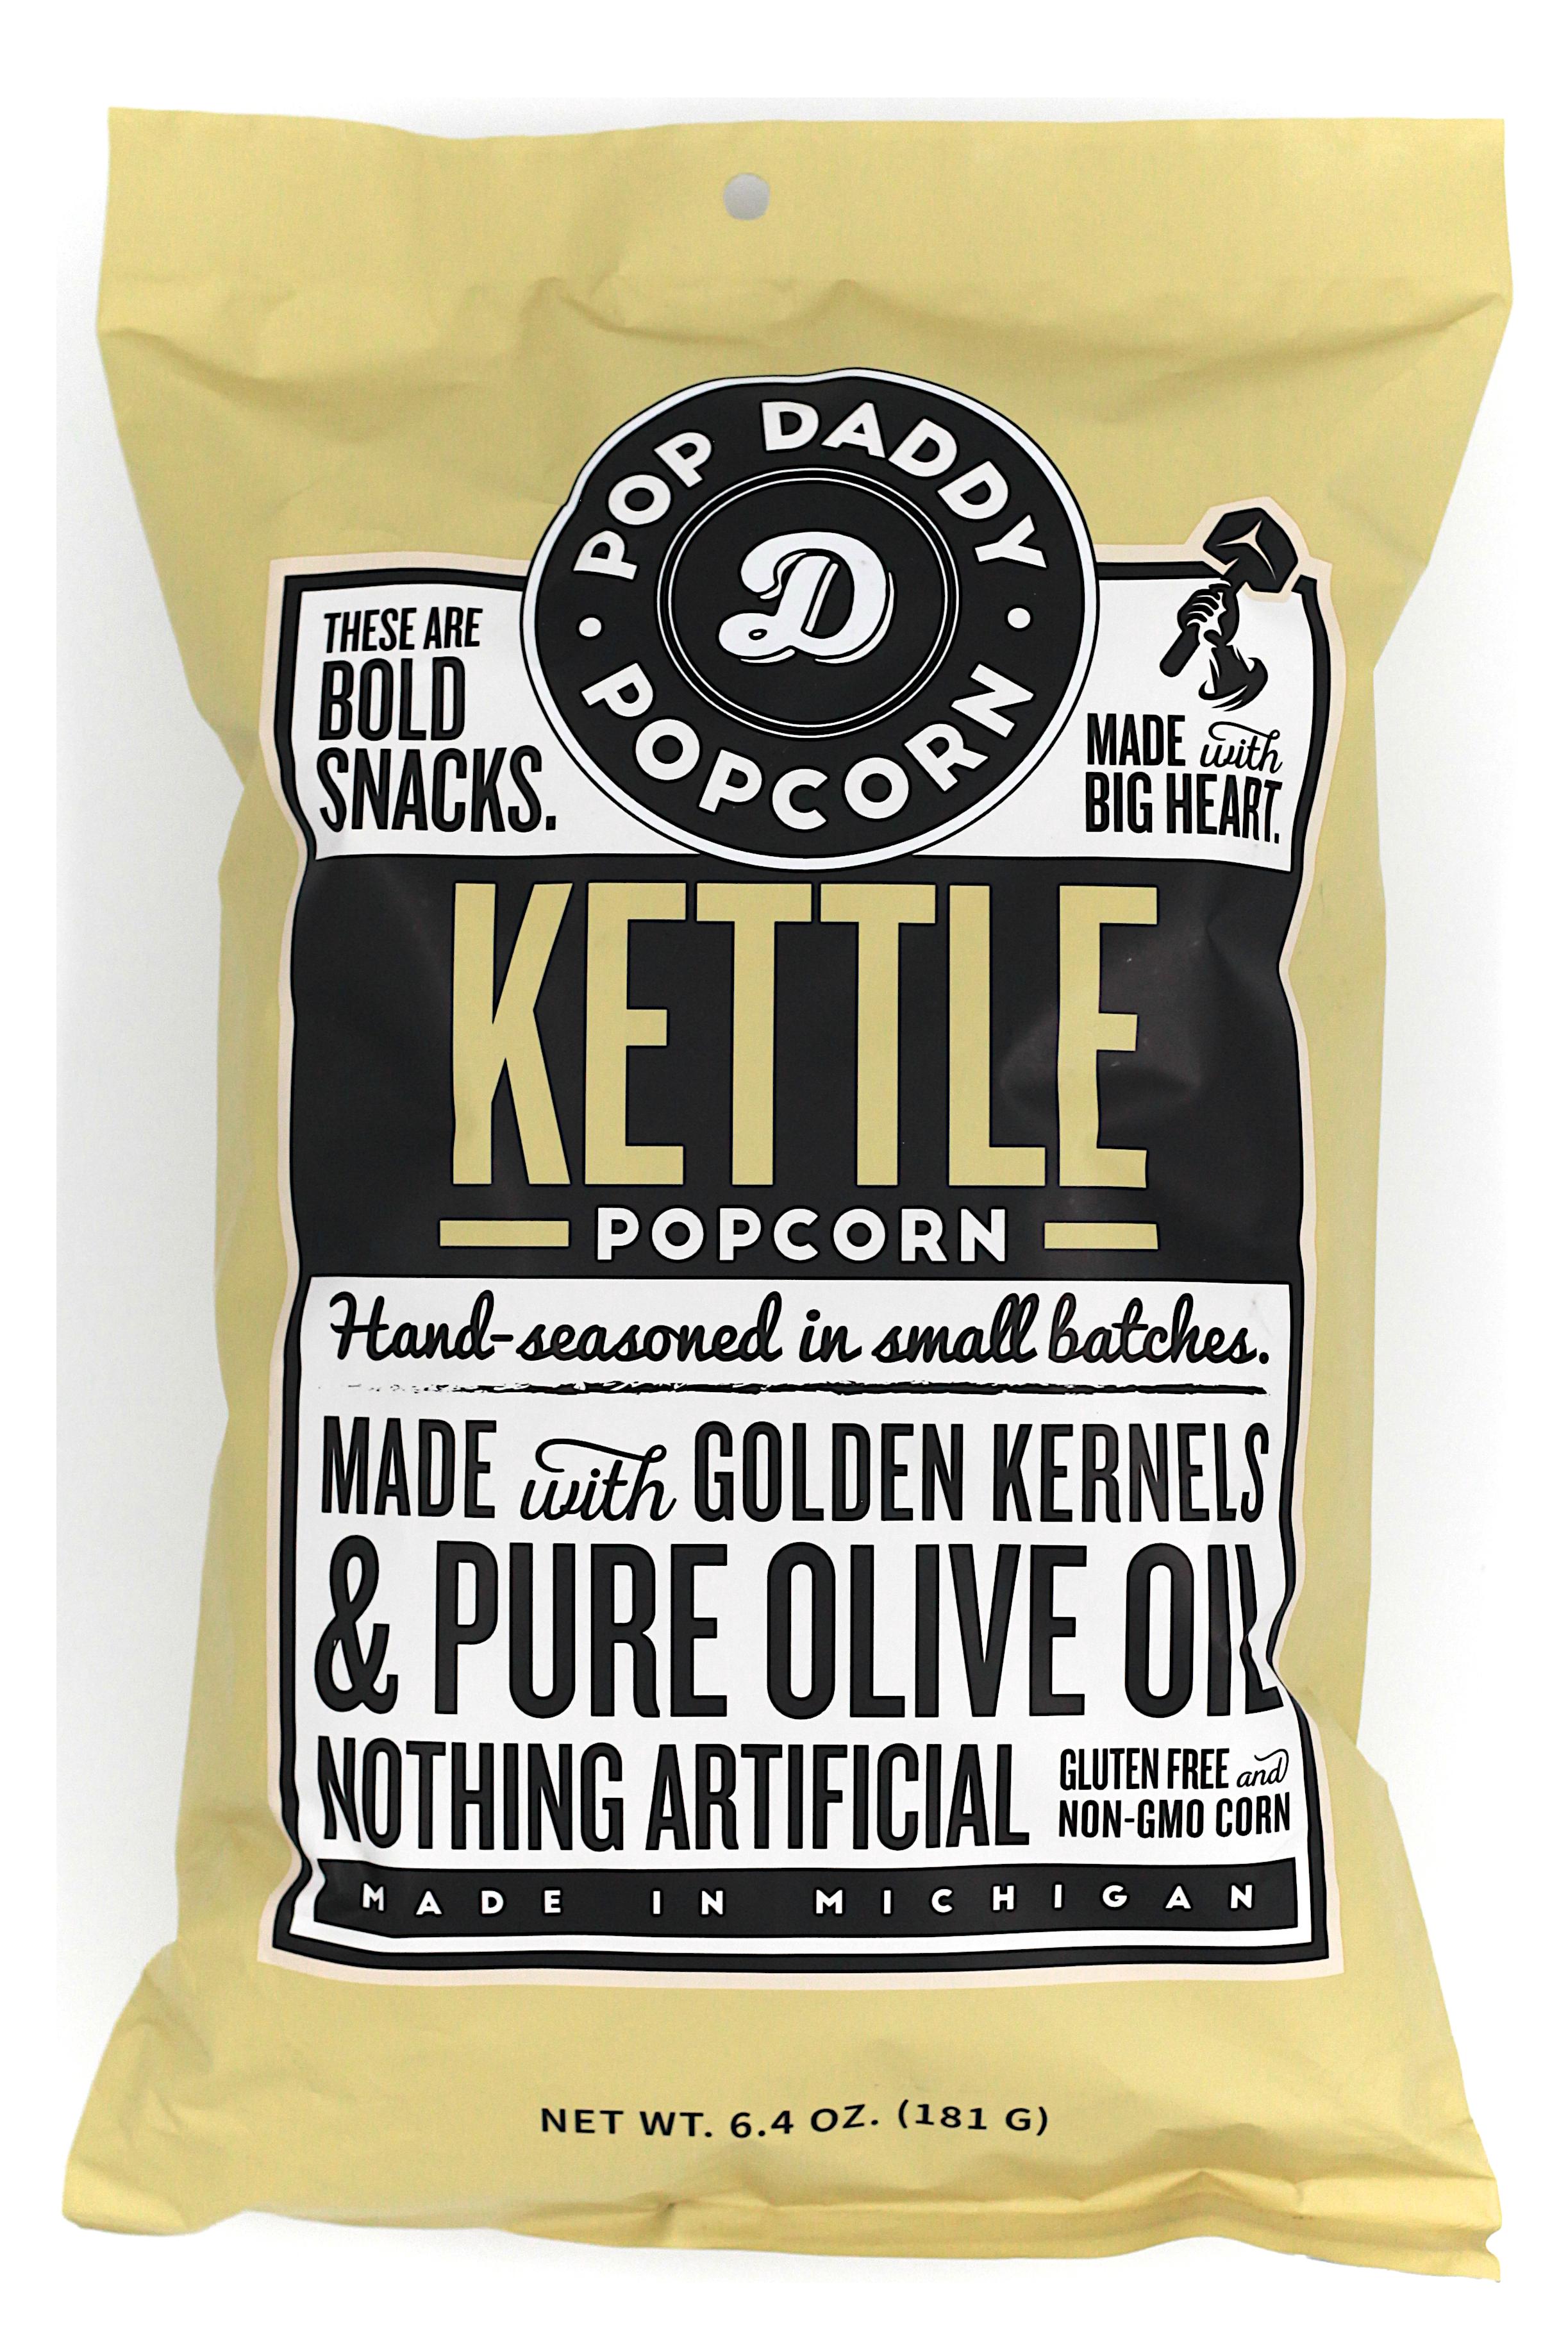 KettlePopcornRegular.png